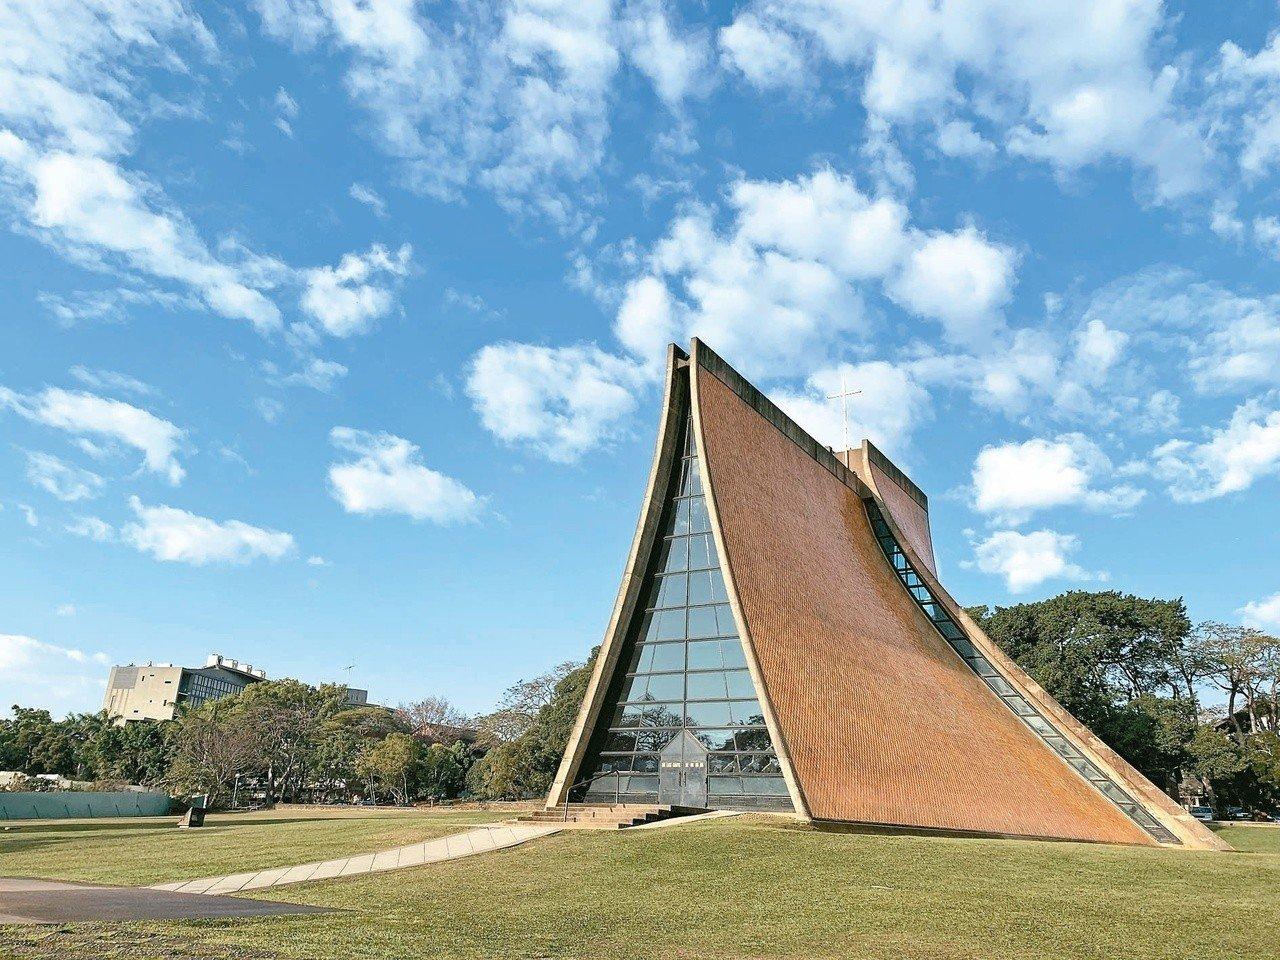 貝聿銘作品-1956年-1963年:東海大學路思義教堂,今年正式成為國定古蹟。